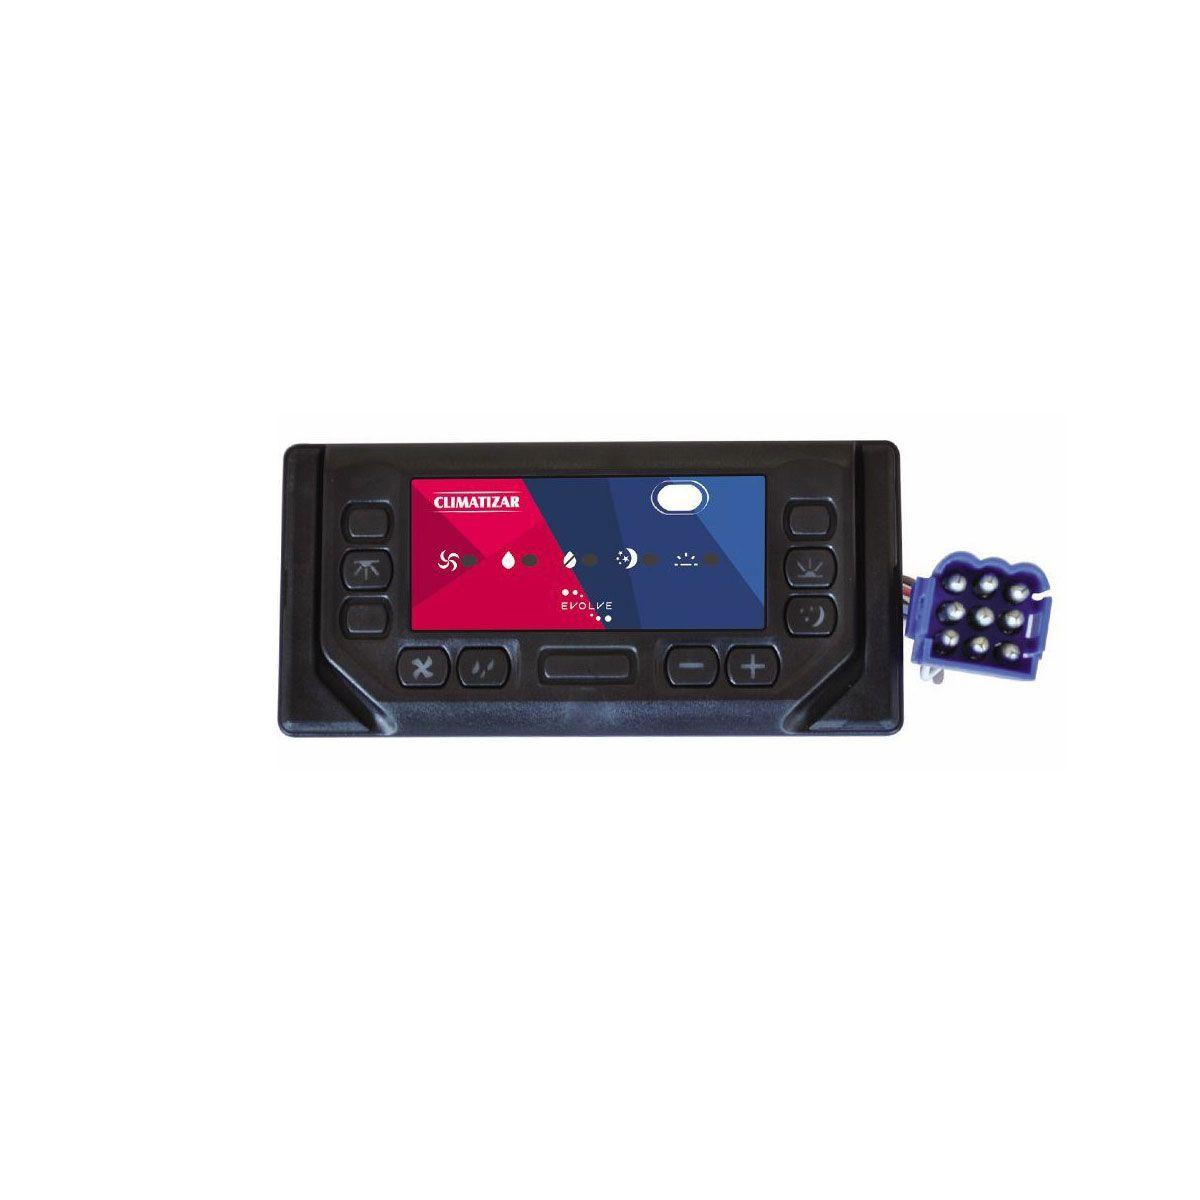 Microprocessador / Controlador Eletrônico para Climatizador de Ar Climatizar Evolve 12v 24v